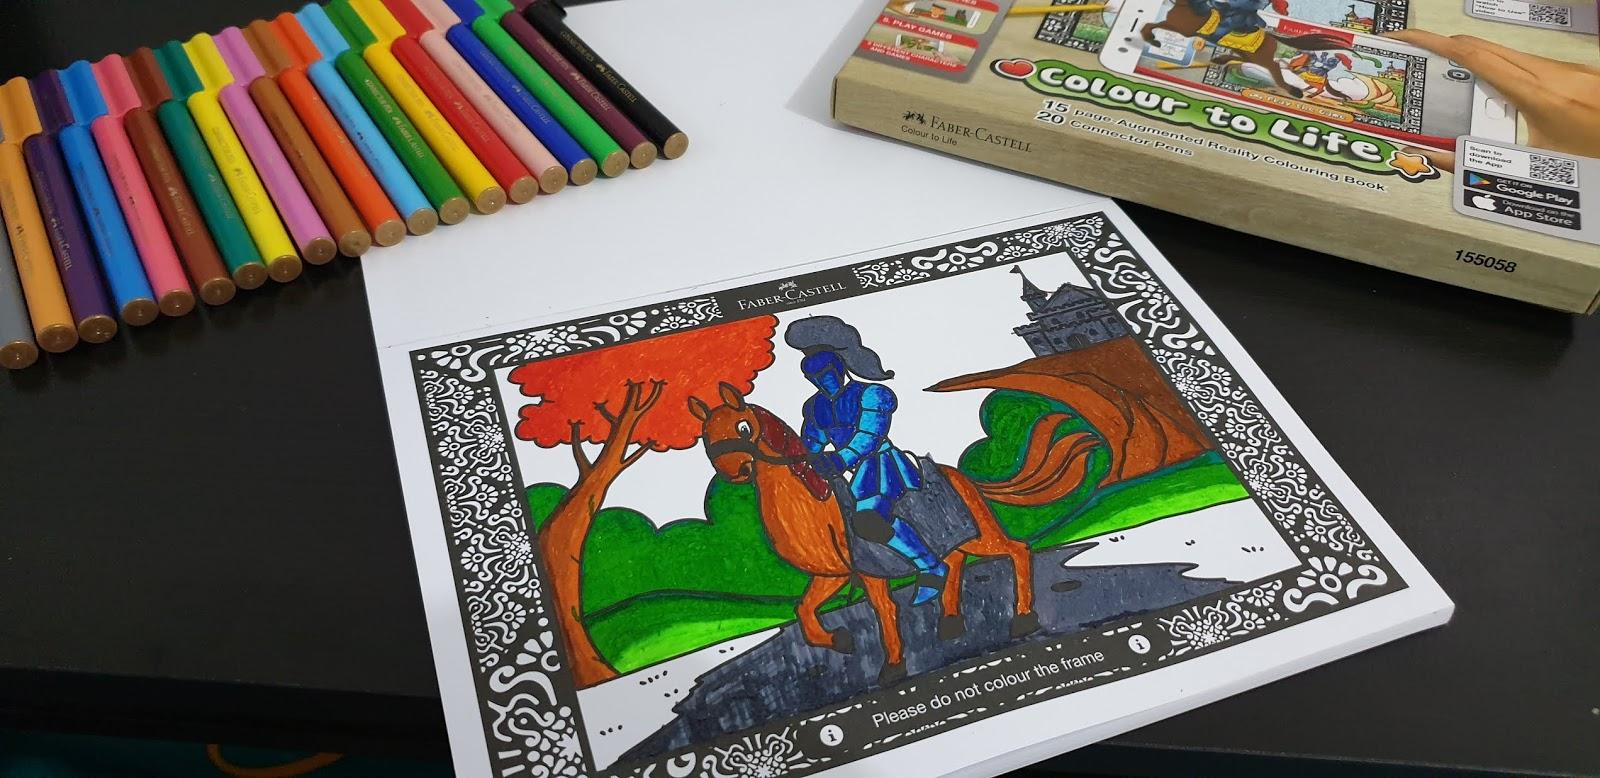 Ruang Baca Dan Tulis Keunggulan Produk Colour To Life Faber